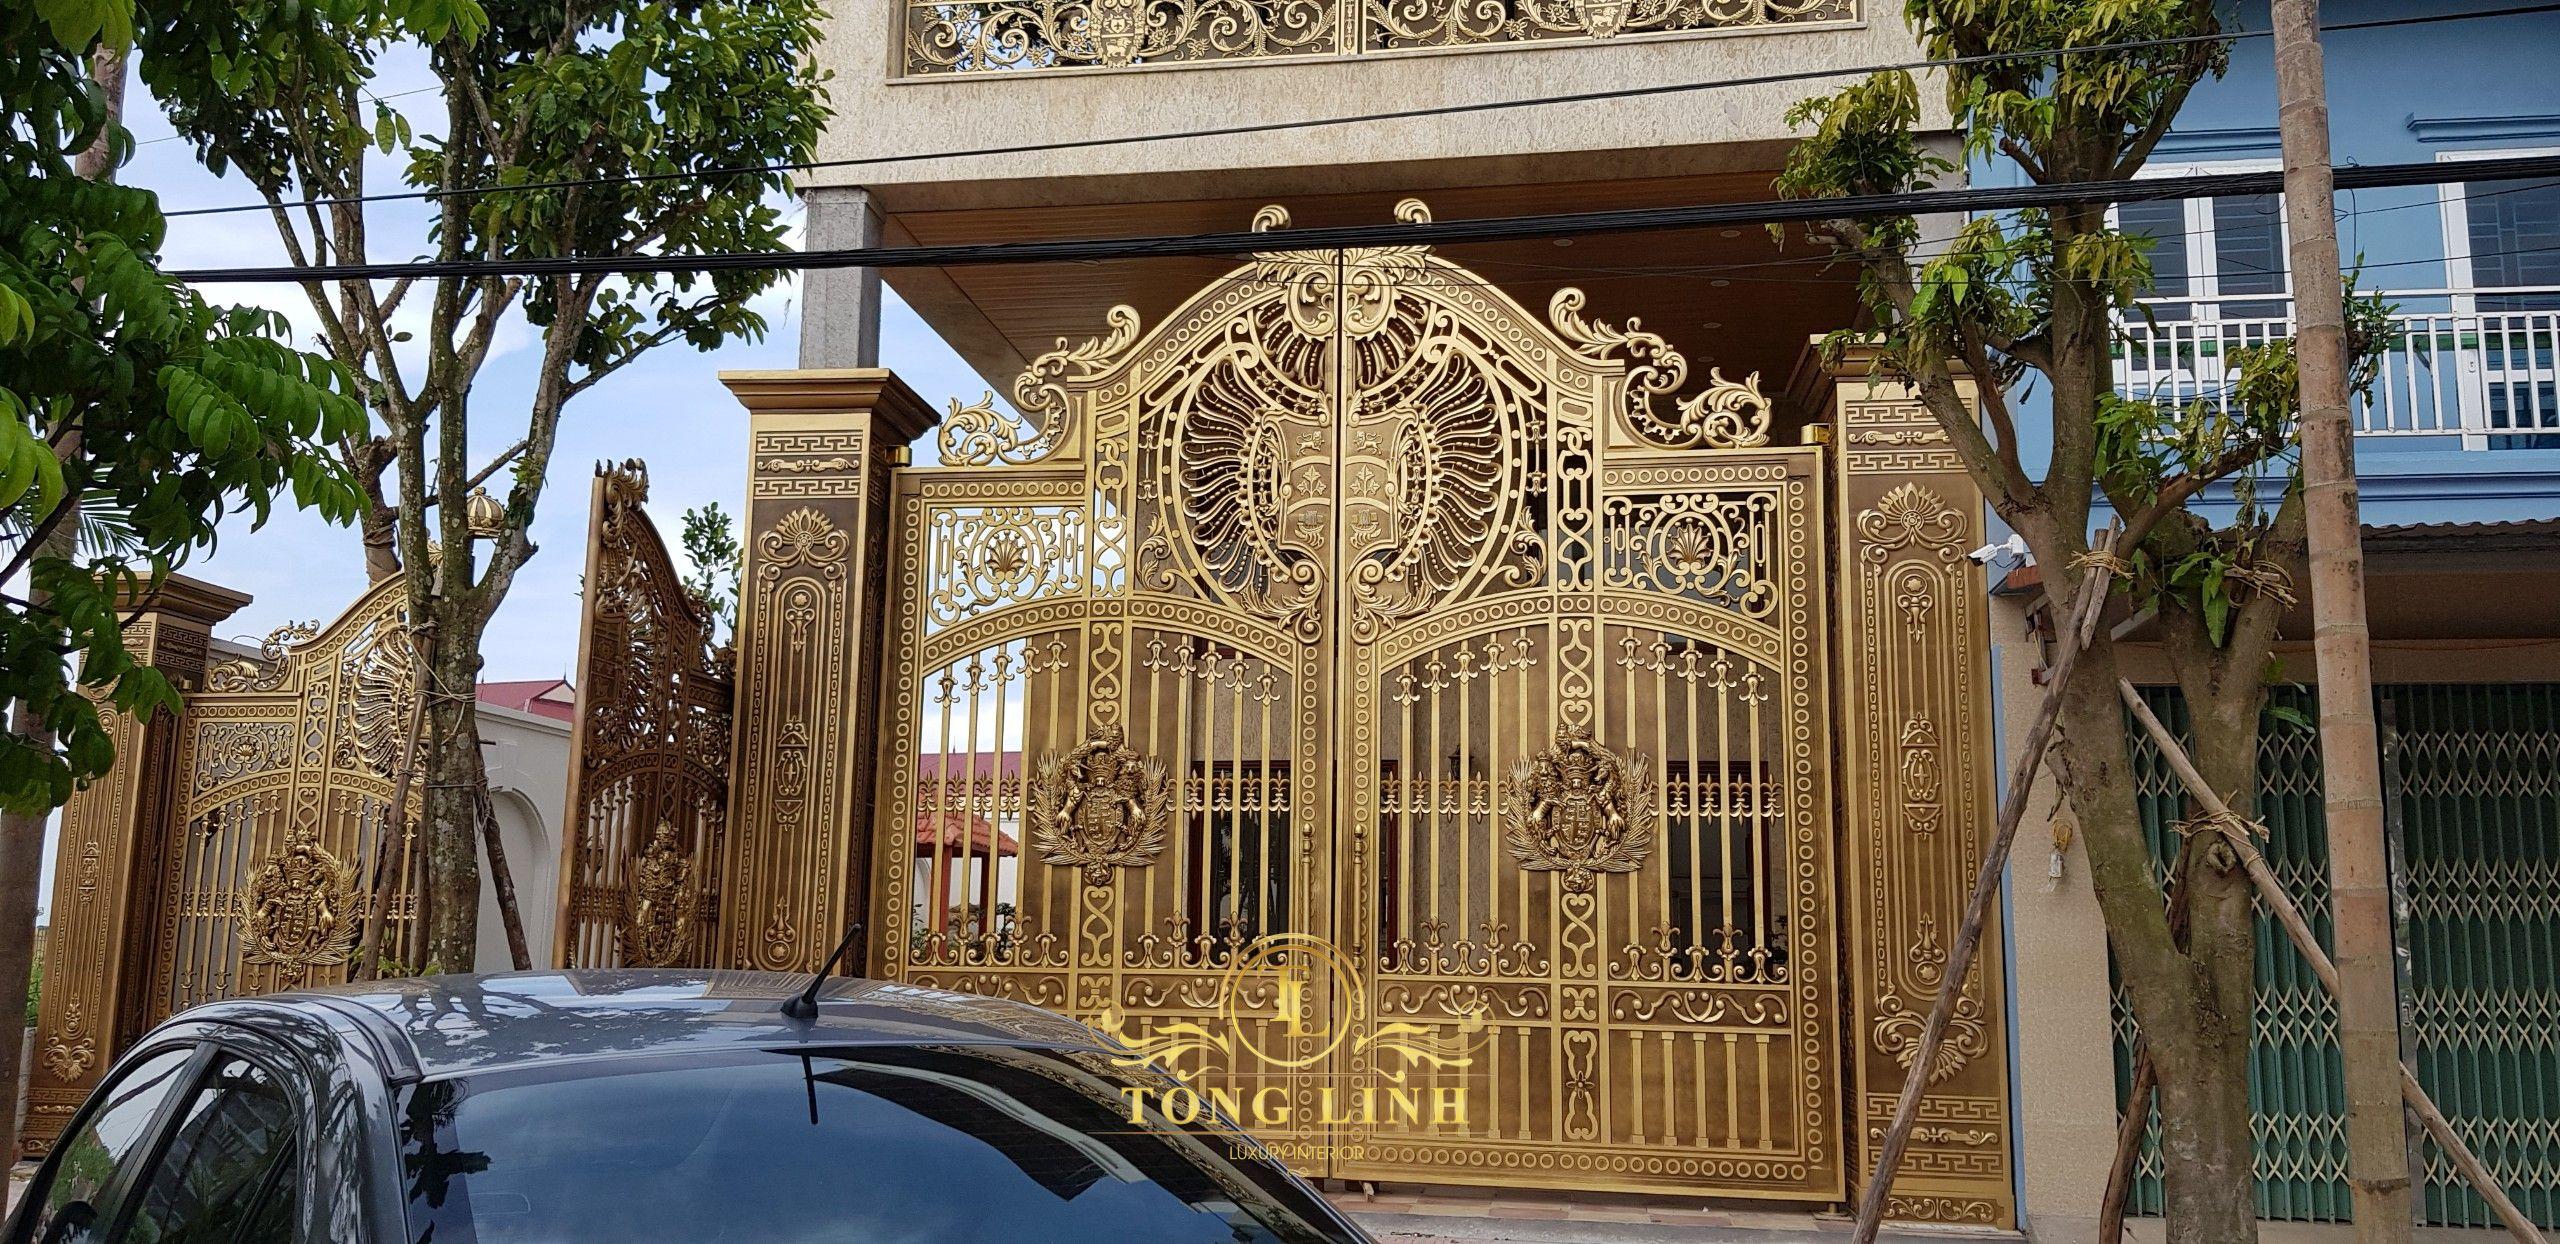 Công ty thi công nội thất tân cổ điển tại Bắc Ninh uy tín chuyên nghiệp